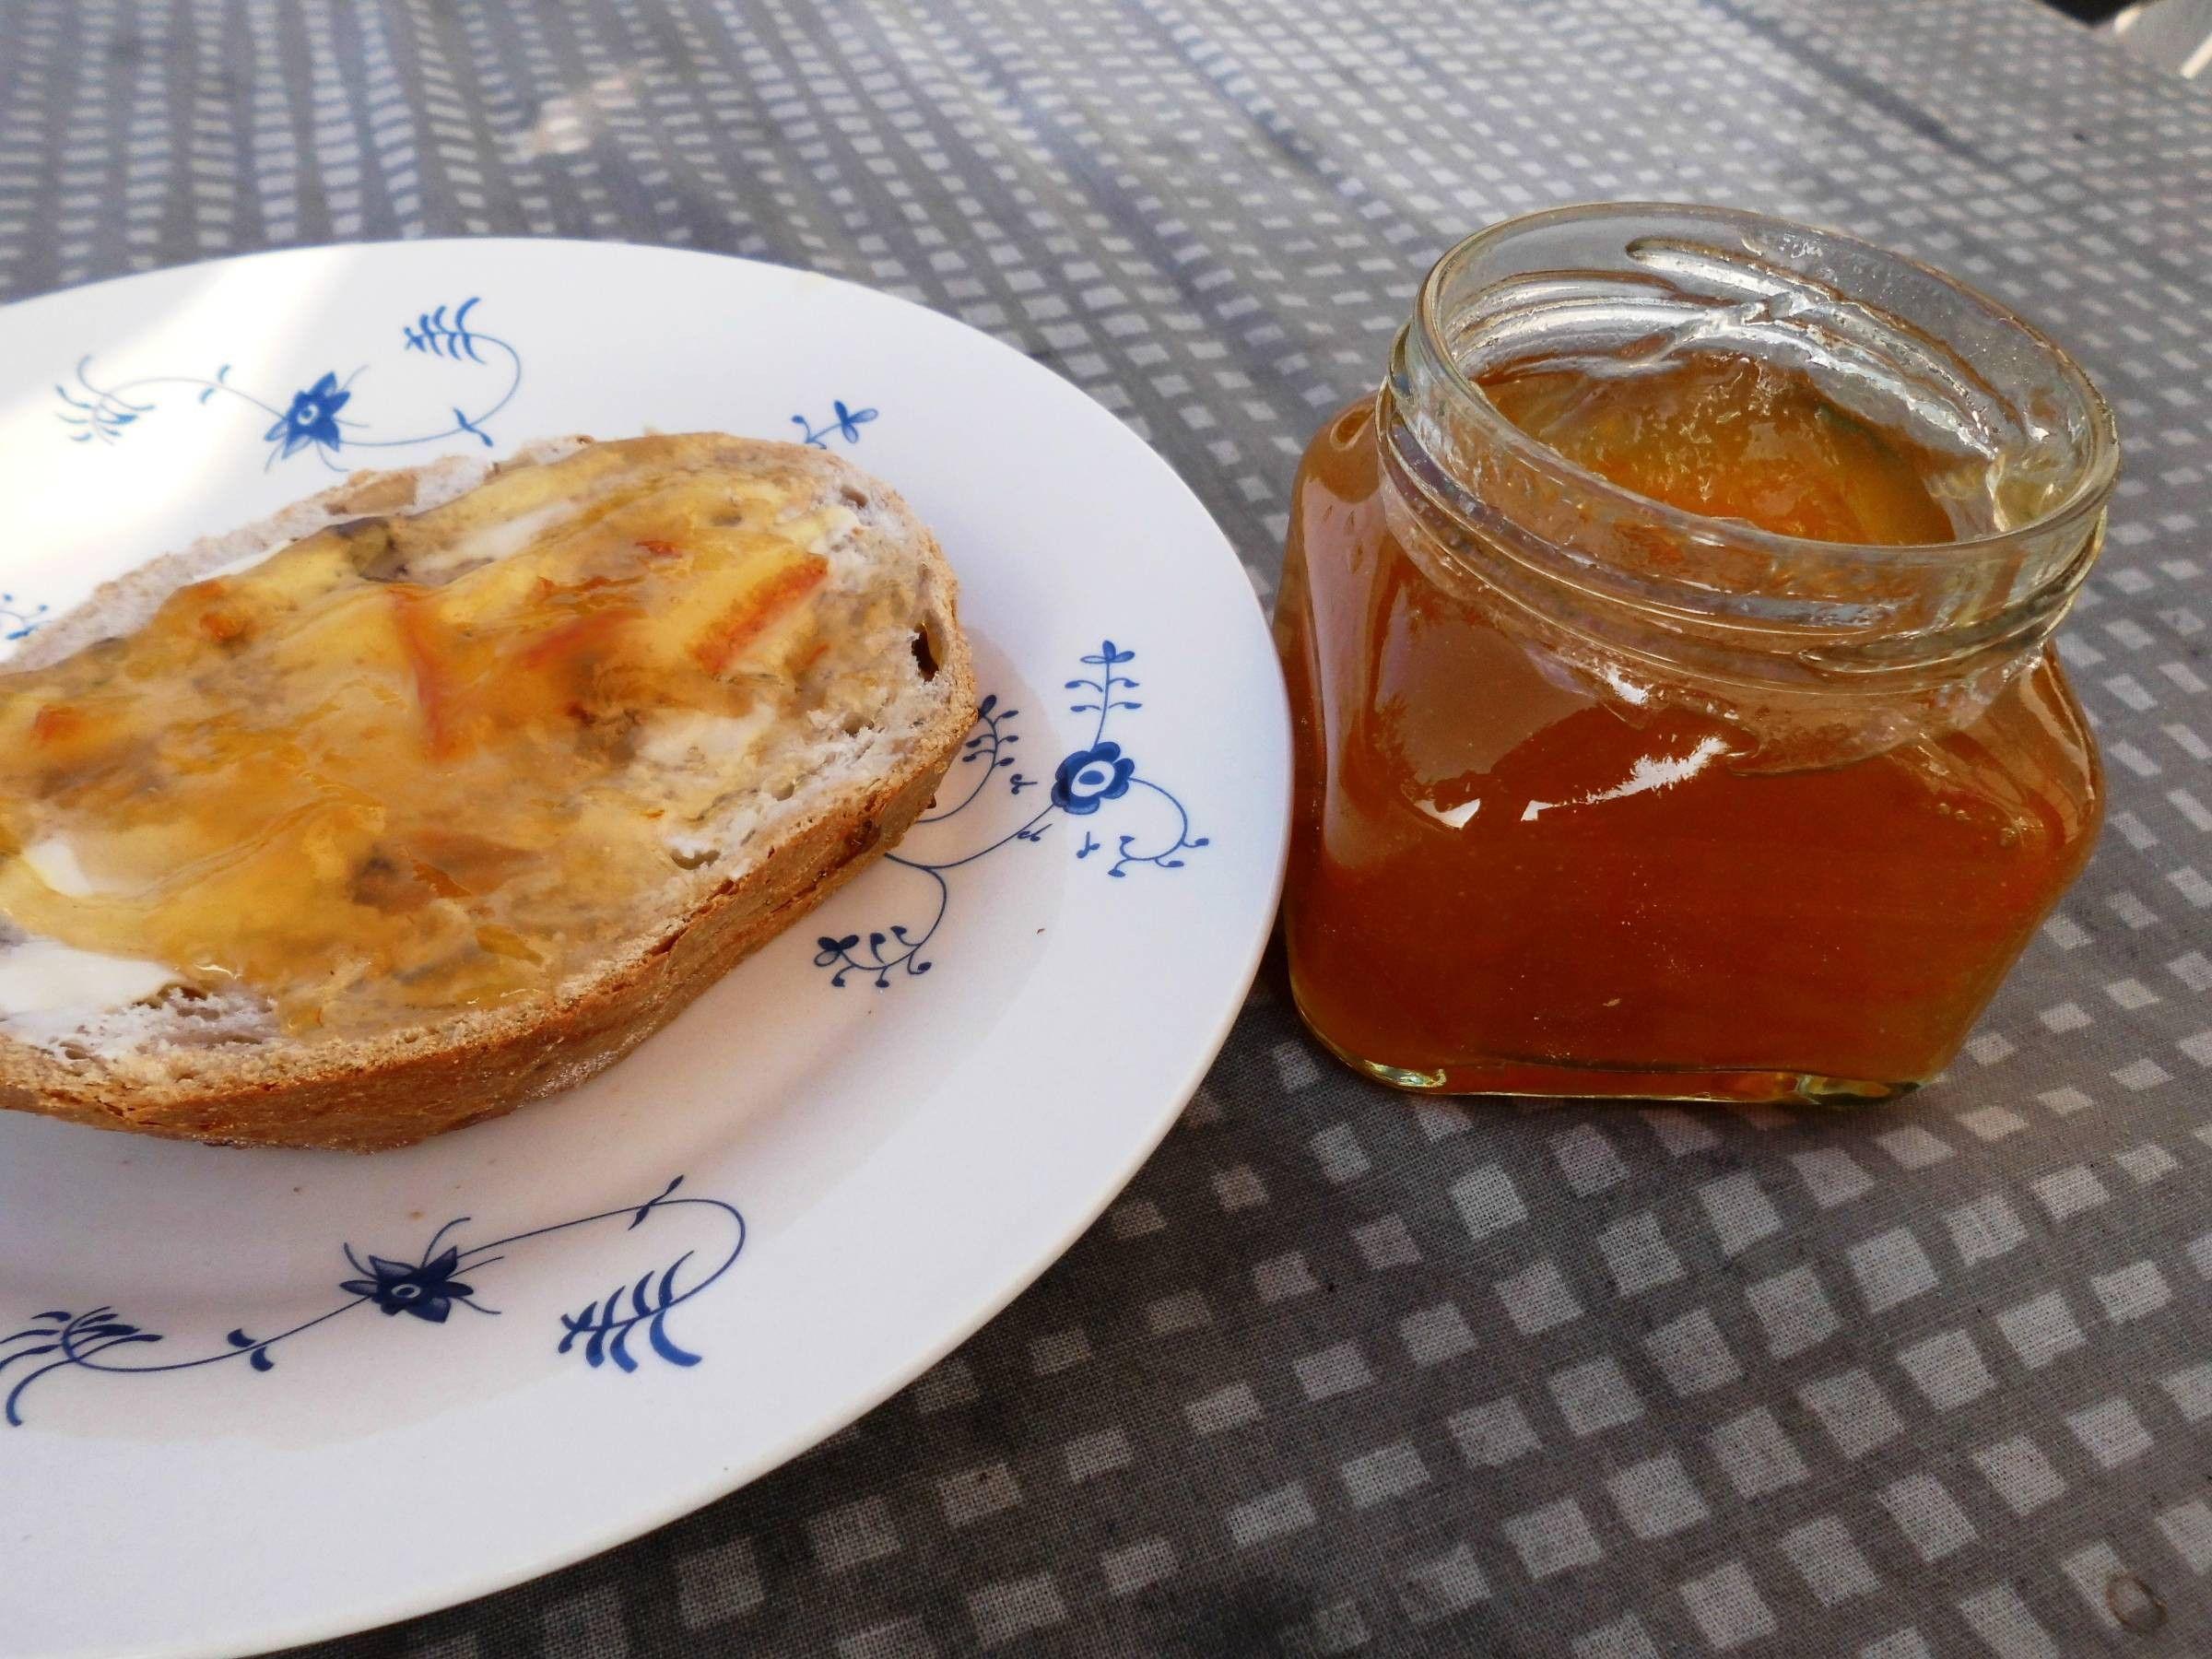 Abrikosmarmelade og brød